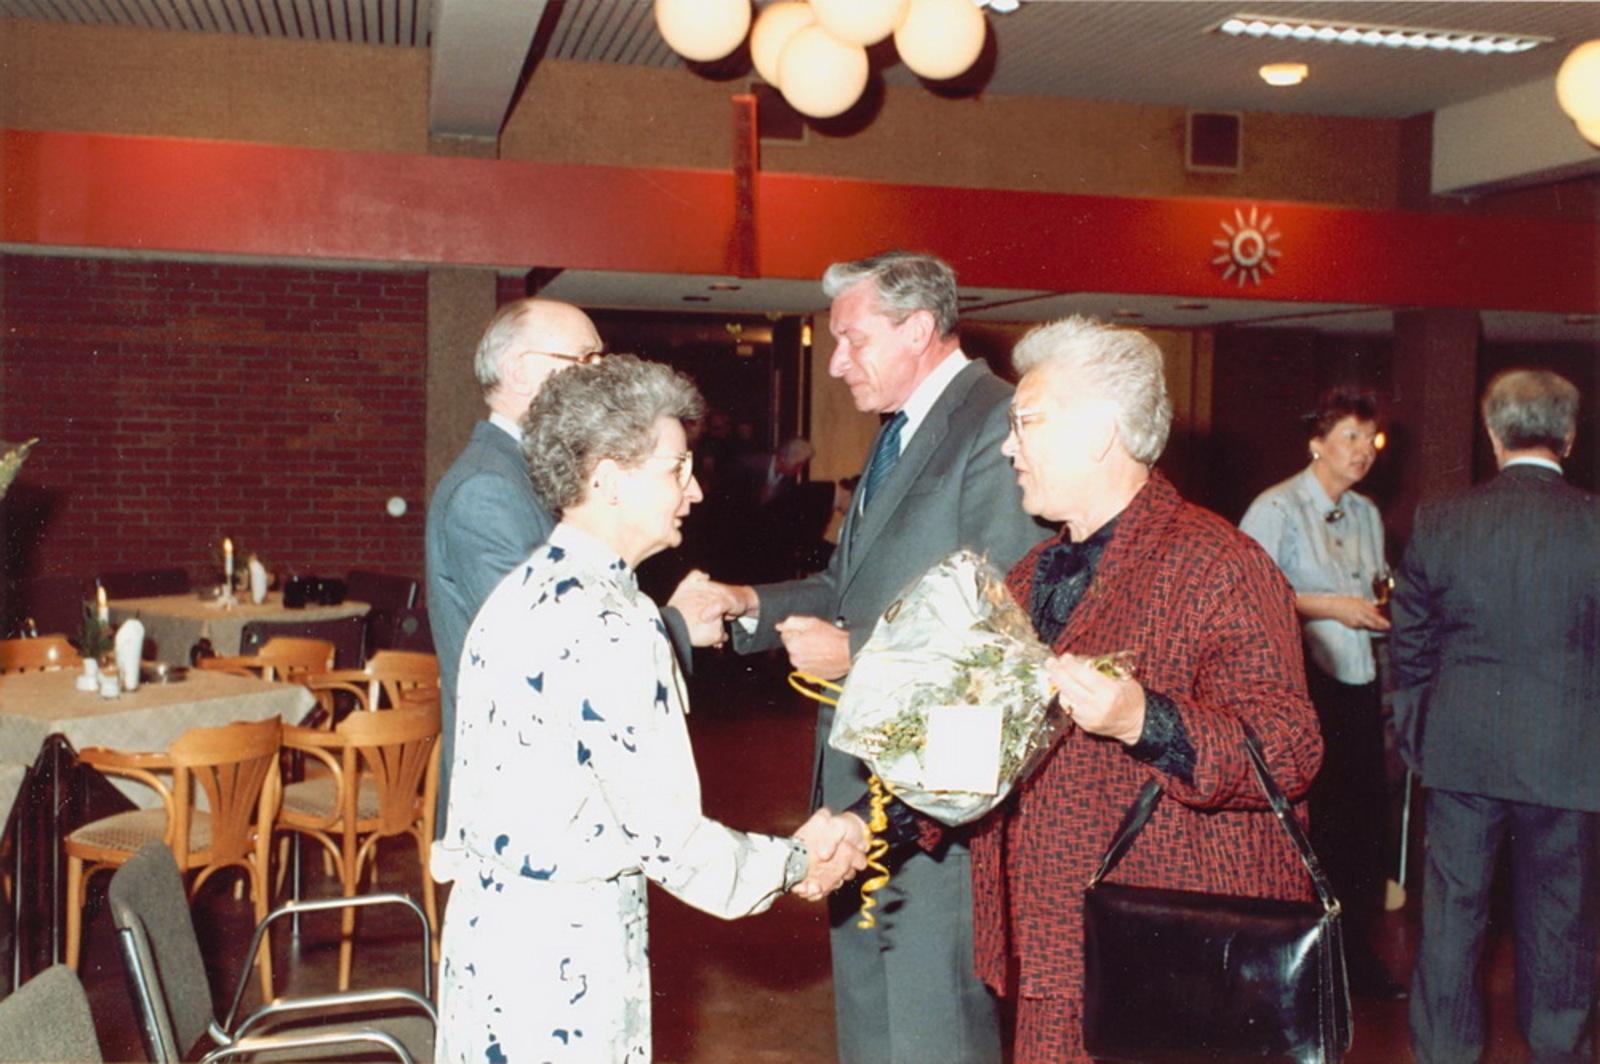 Marktlaan O 0022 1988 Sigarenboer Kraak 50jr Jub en Sluiting 68